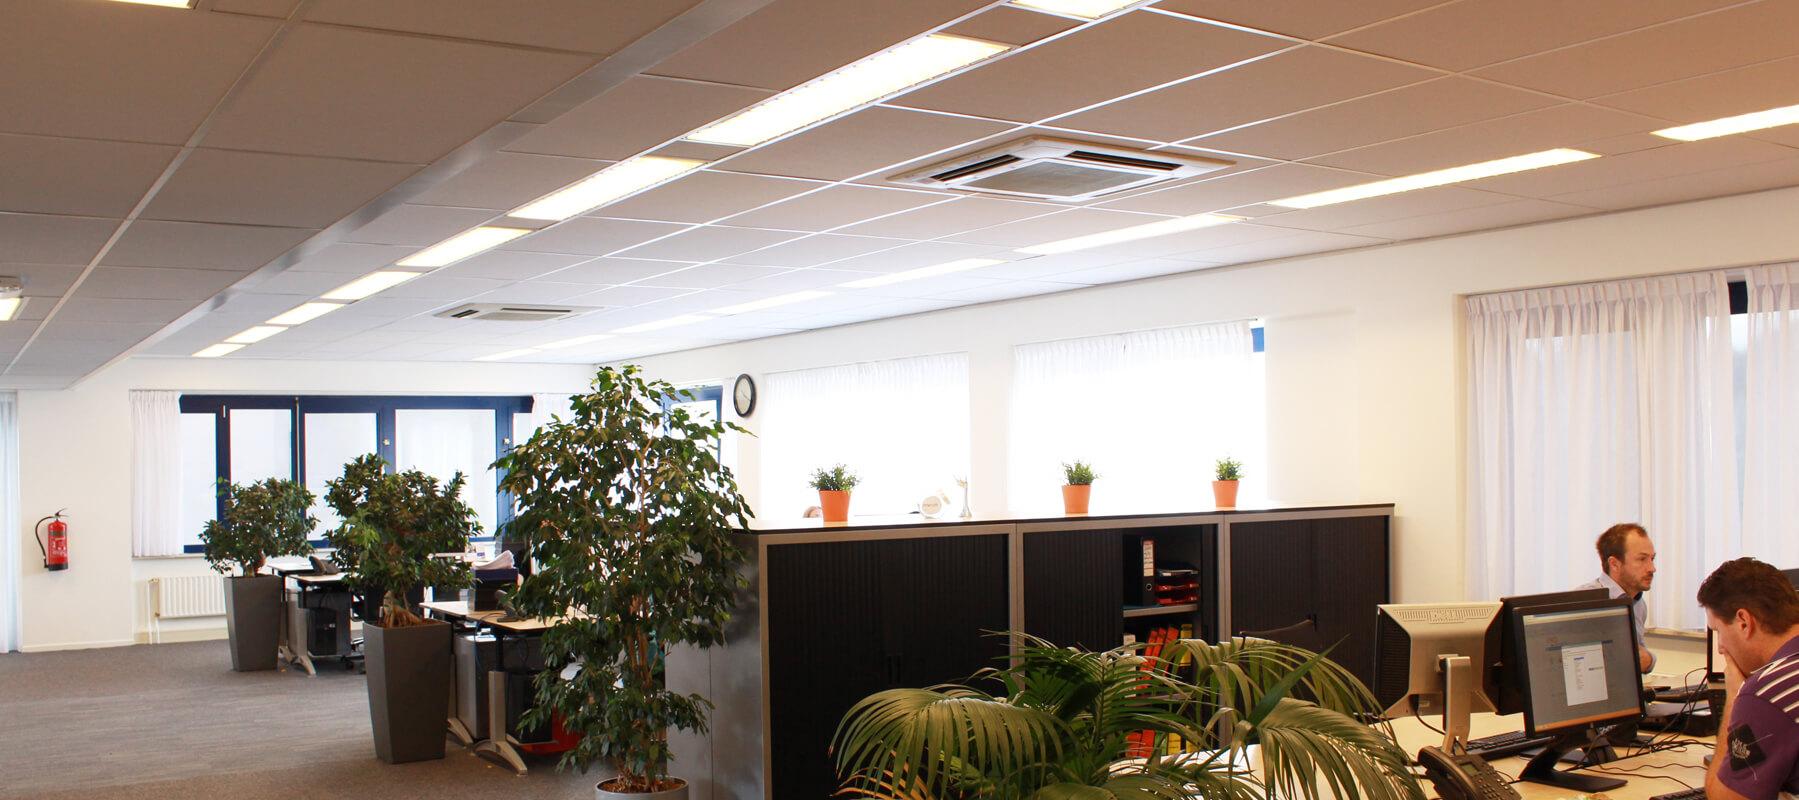 DTZ Deventer kies voor led verlichting van Saled